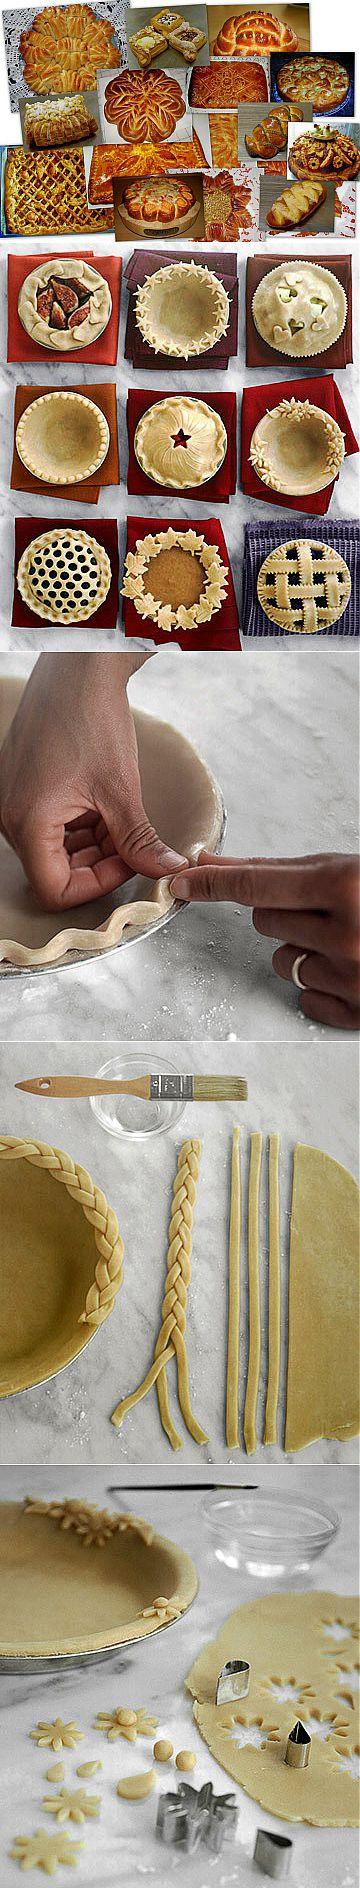 Супер сайт!!!Оформление(разделка) пирогов и булок.Мастер-классы от Valentina Zurkan.